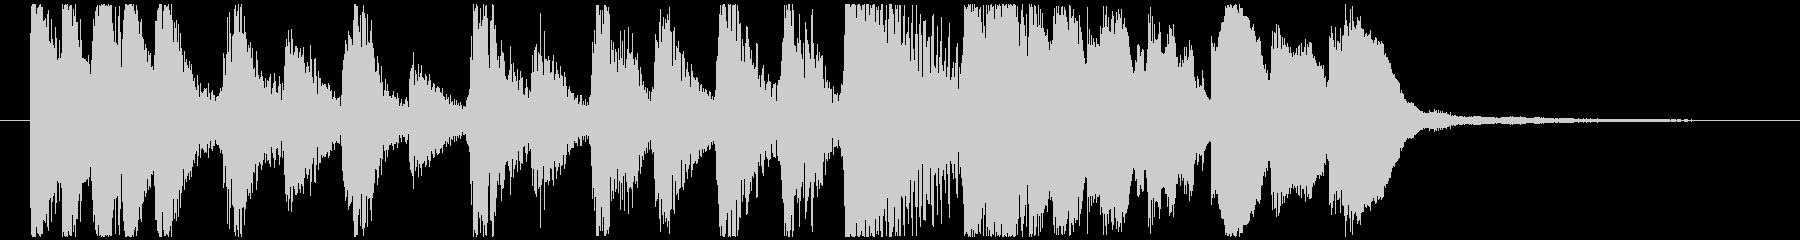 CM コメディードラマ2 オープニングの未再生の波形